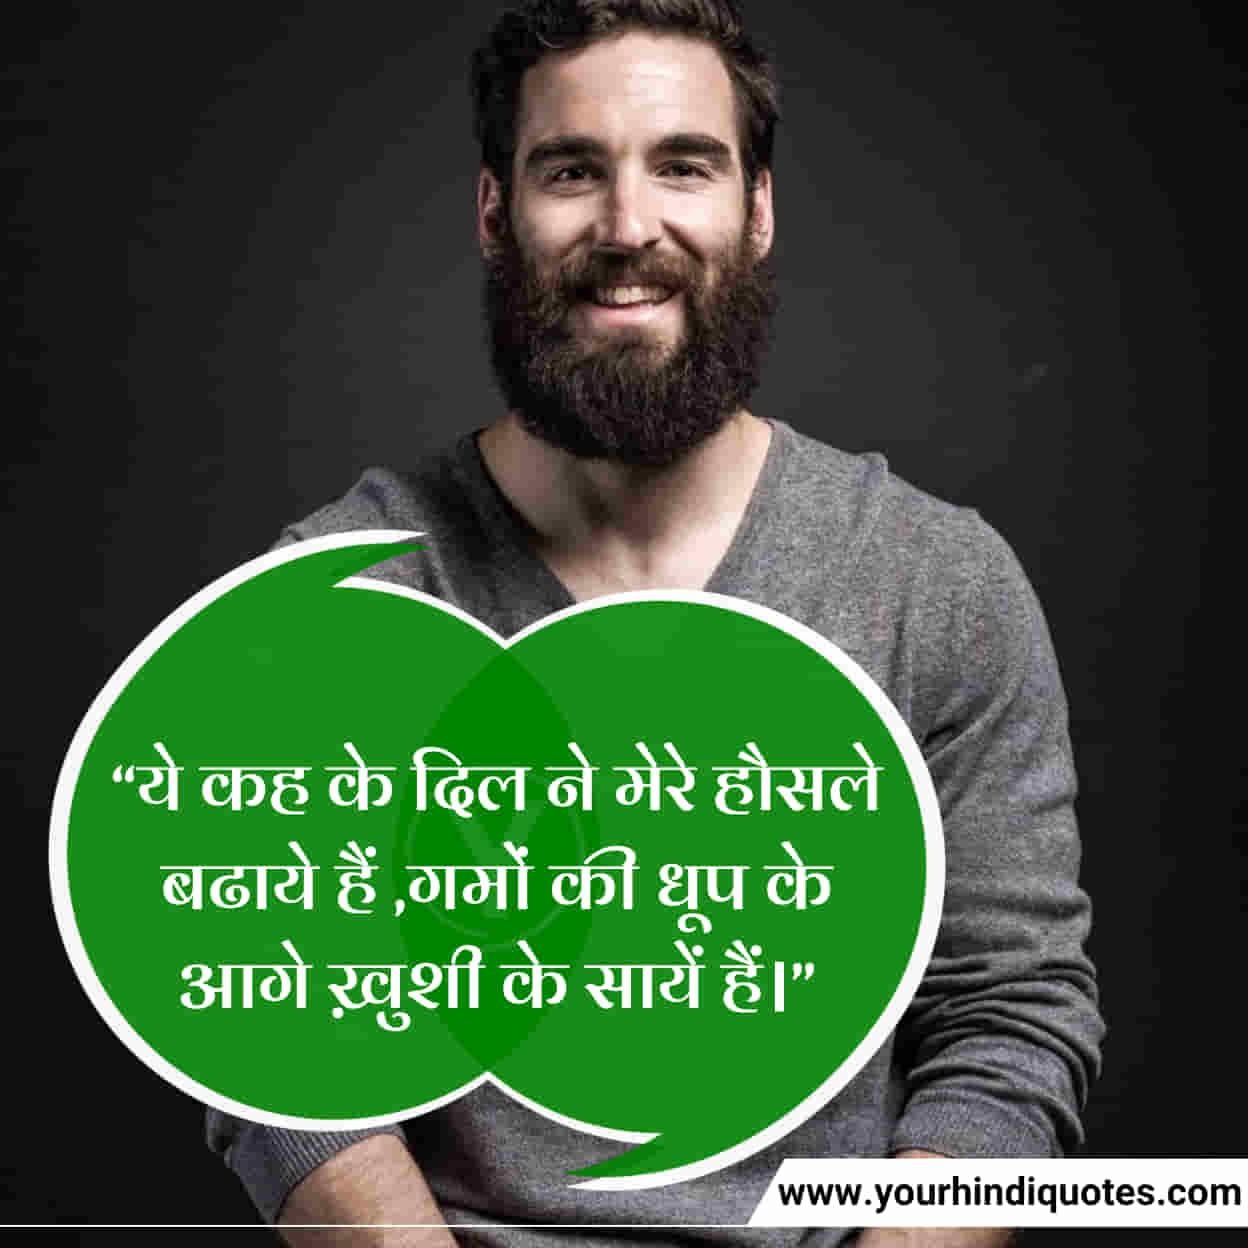 Hindi Motivational Shayari for Whatsapp Status